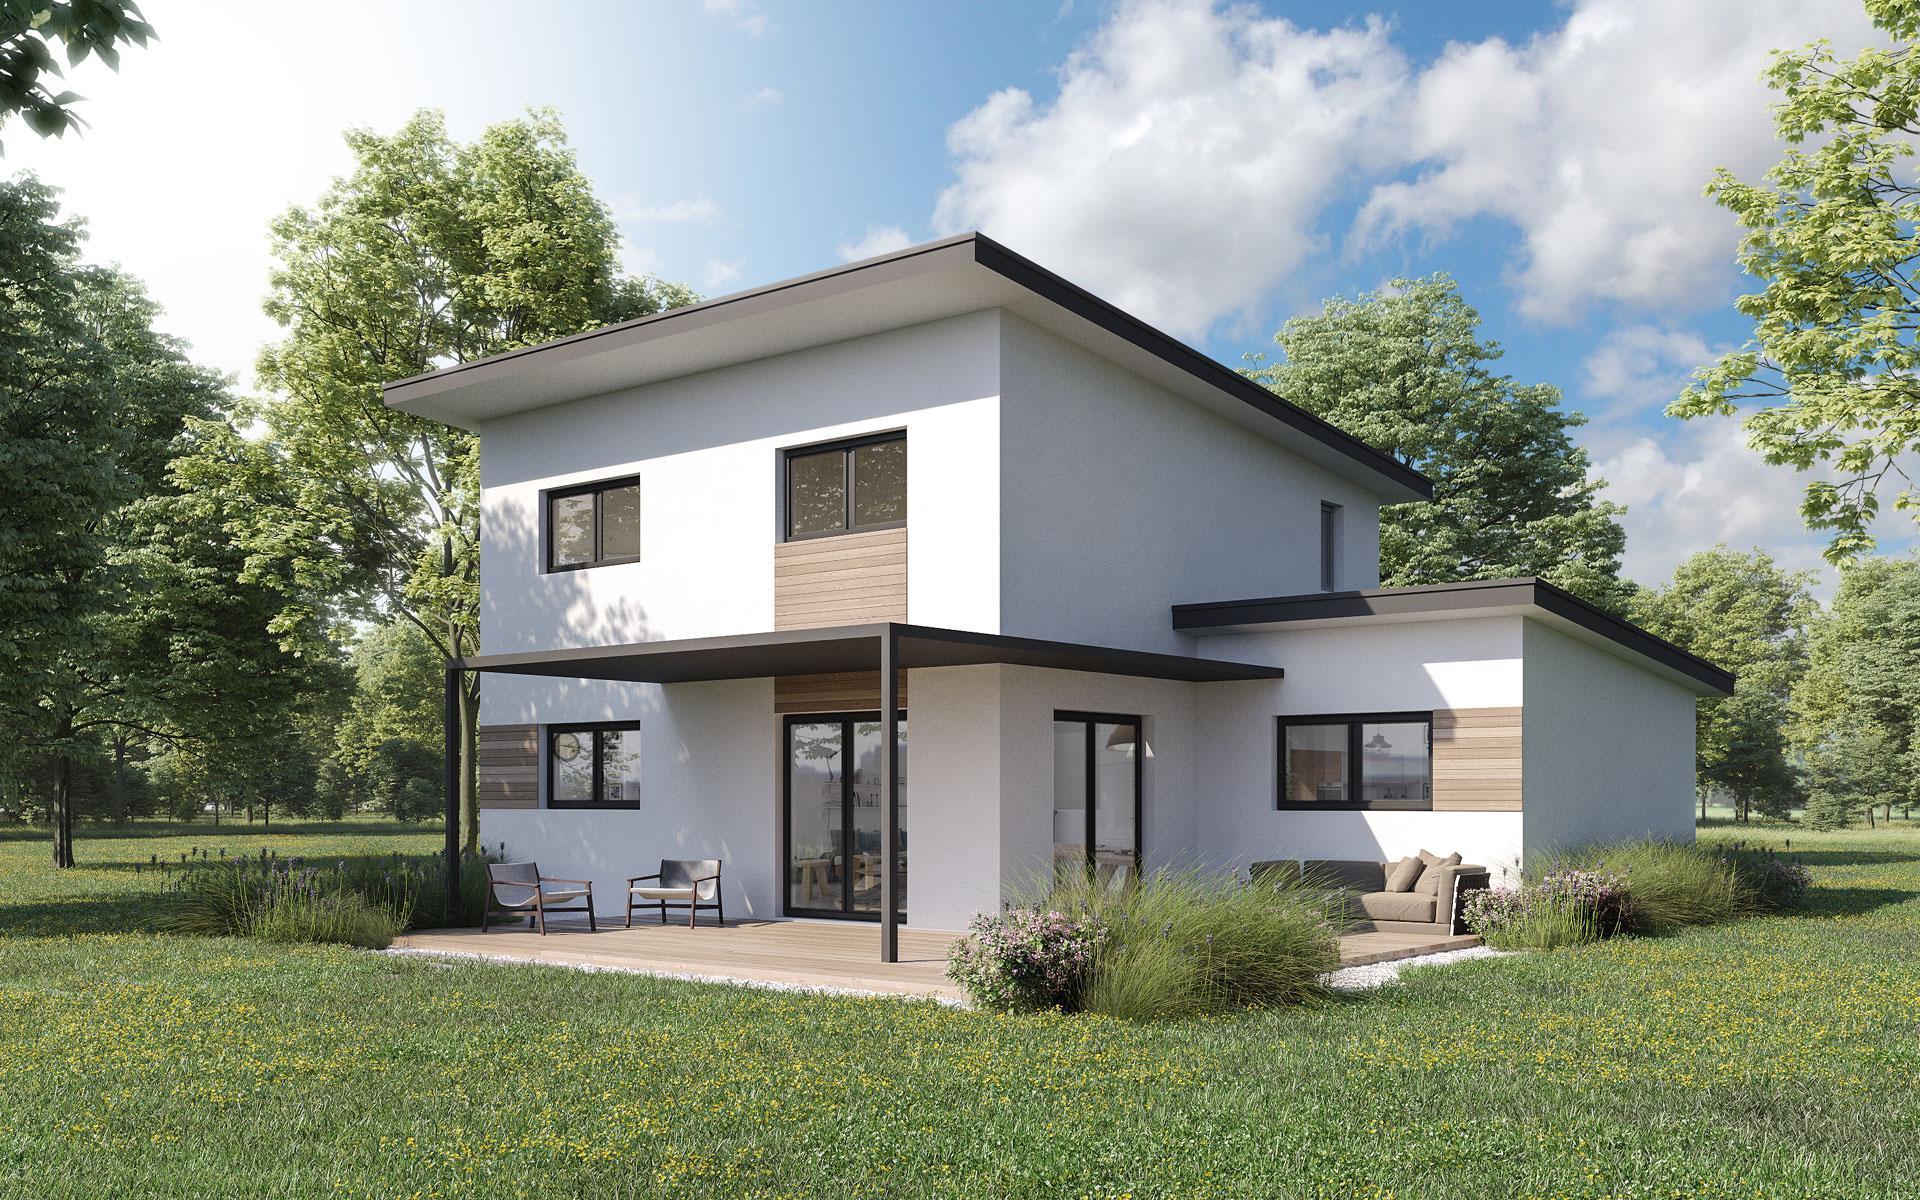 Maison contemporaine ossature bois Alisier par Olry Bois - modèle 3D